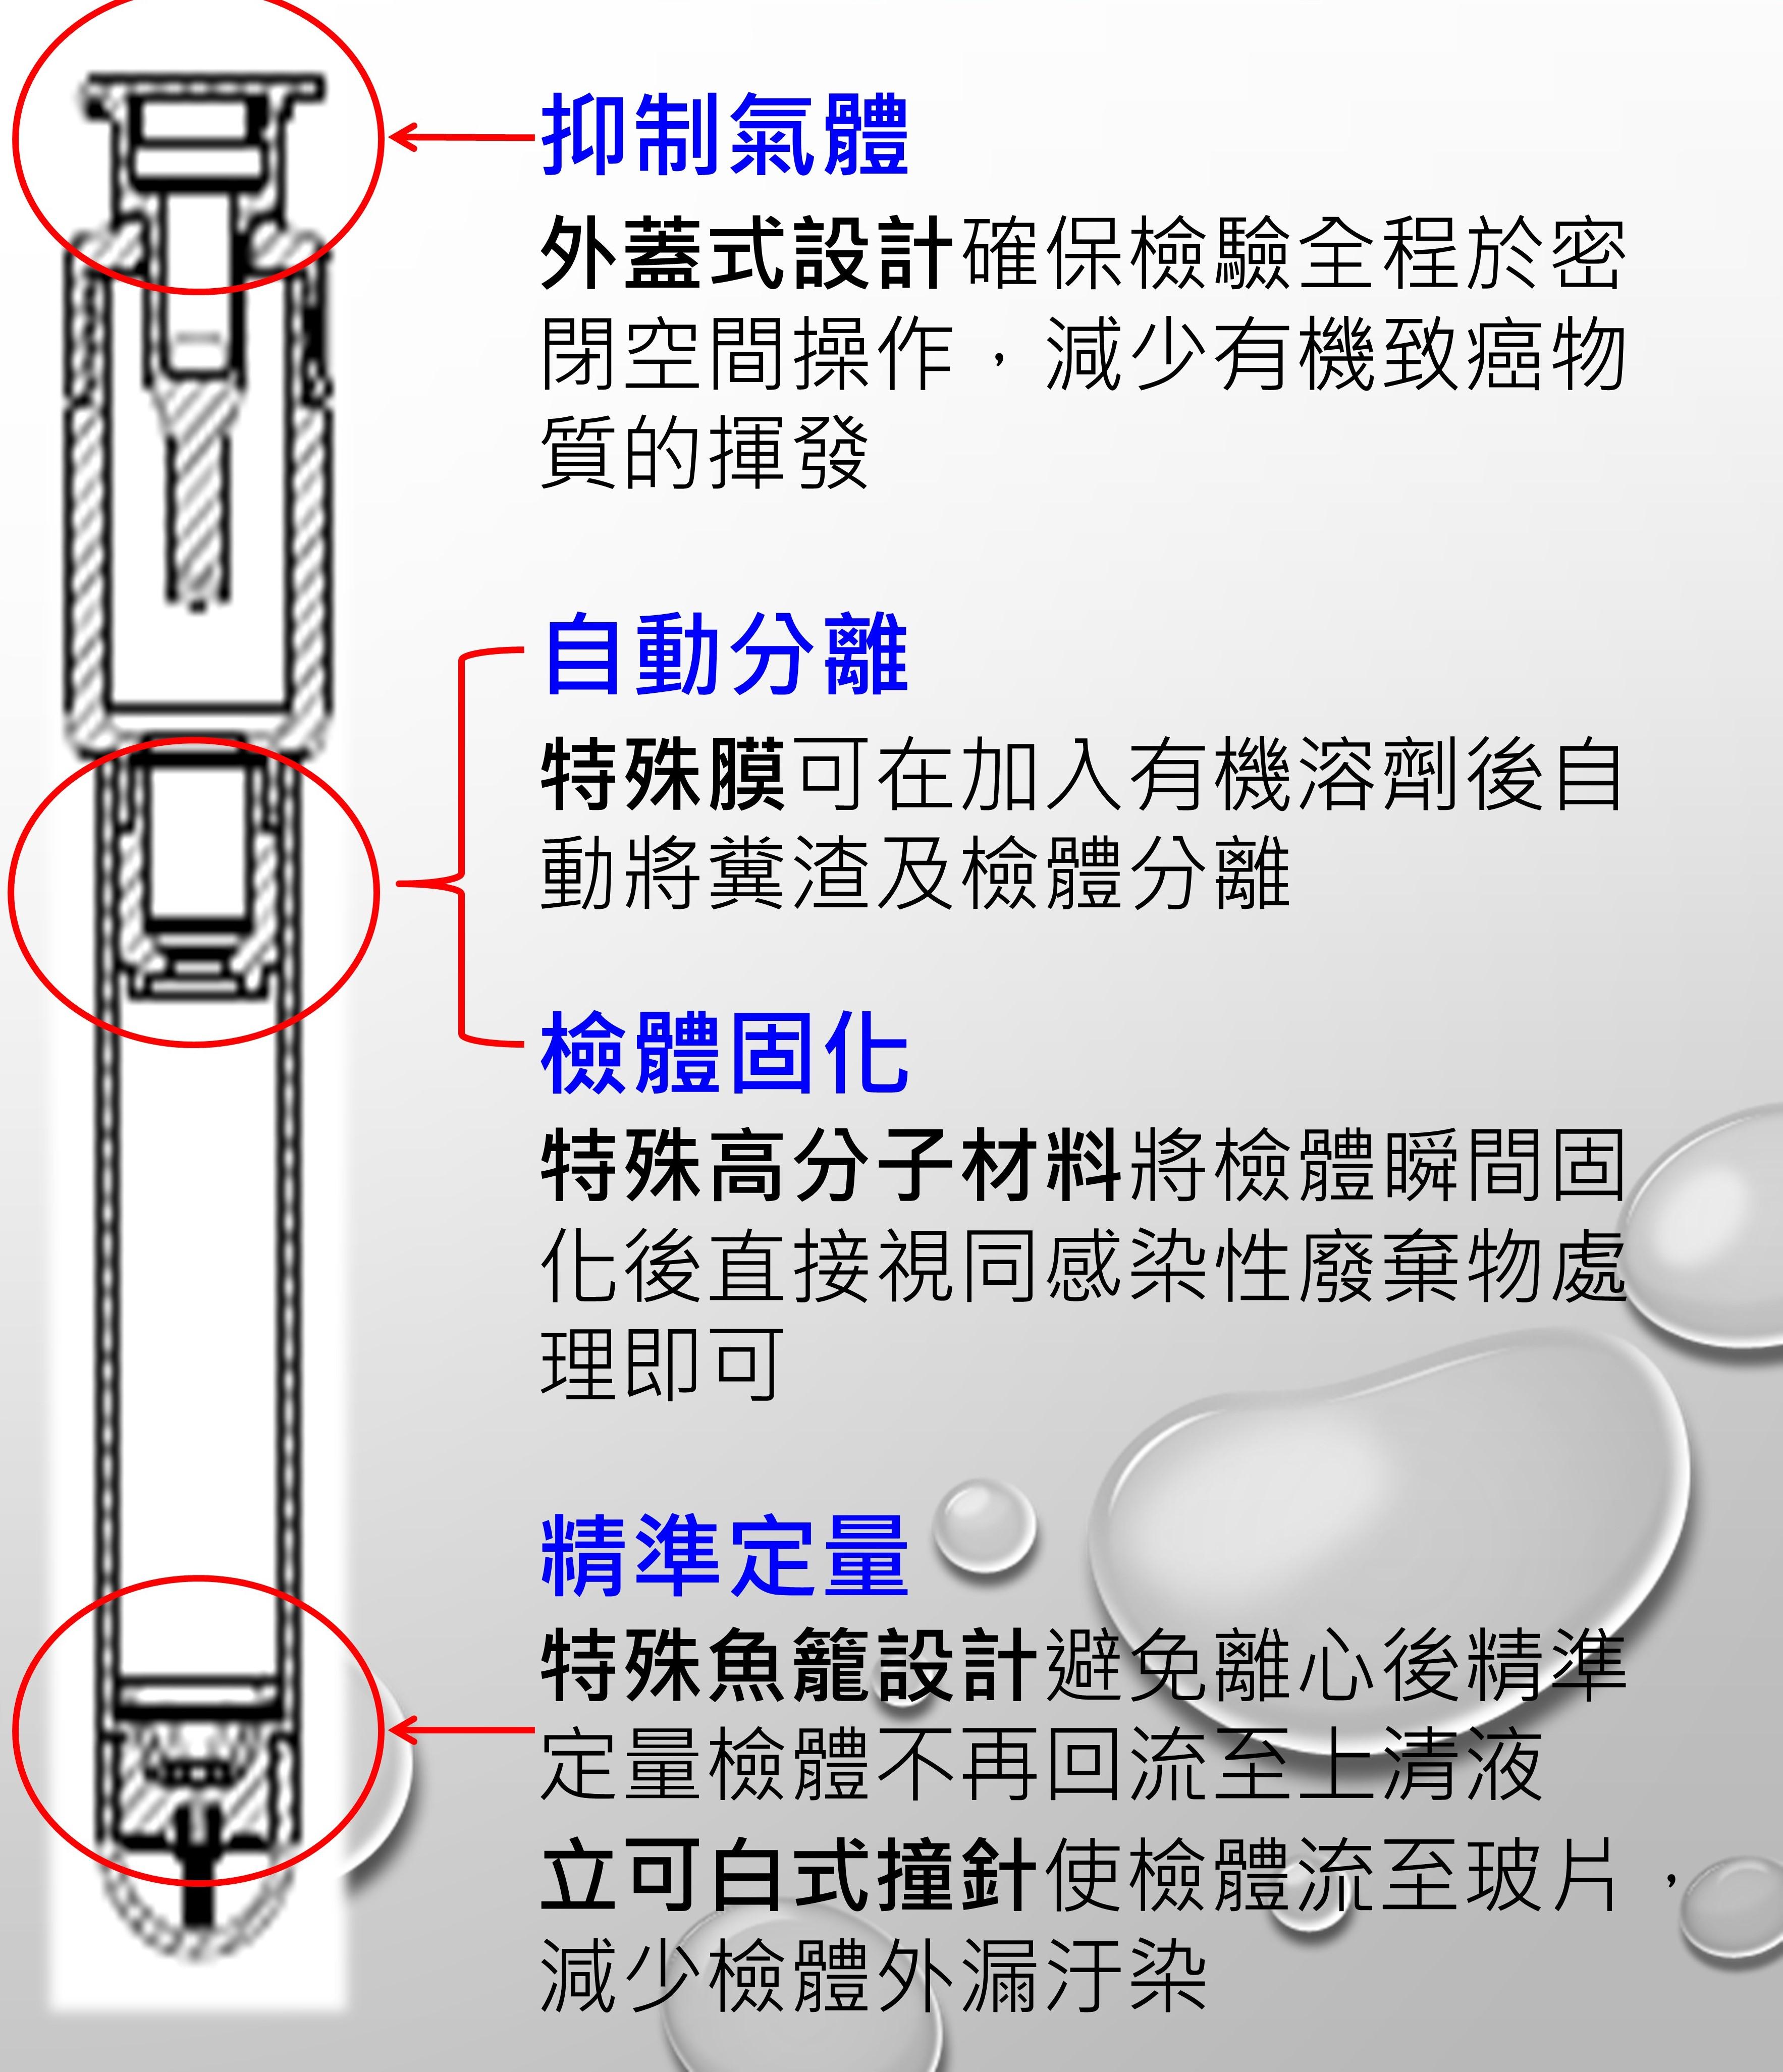 本圖介紹產品解決問題的創新技術